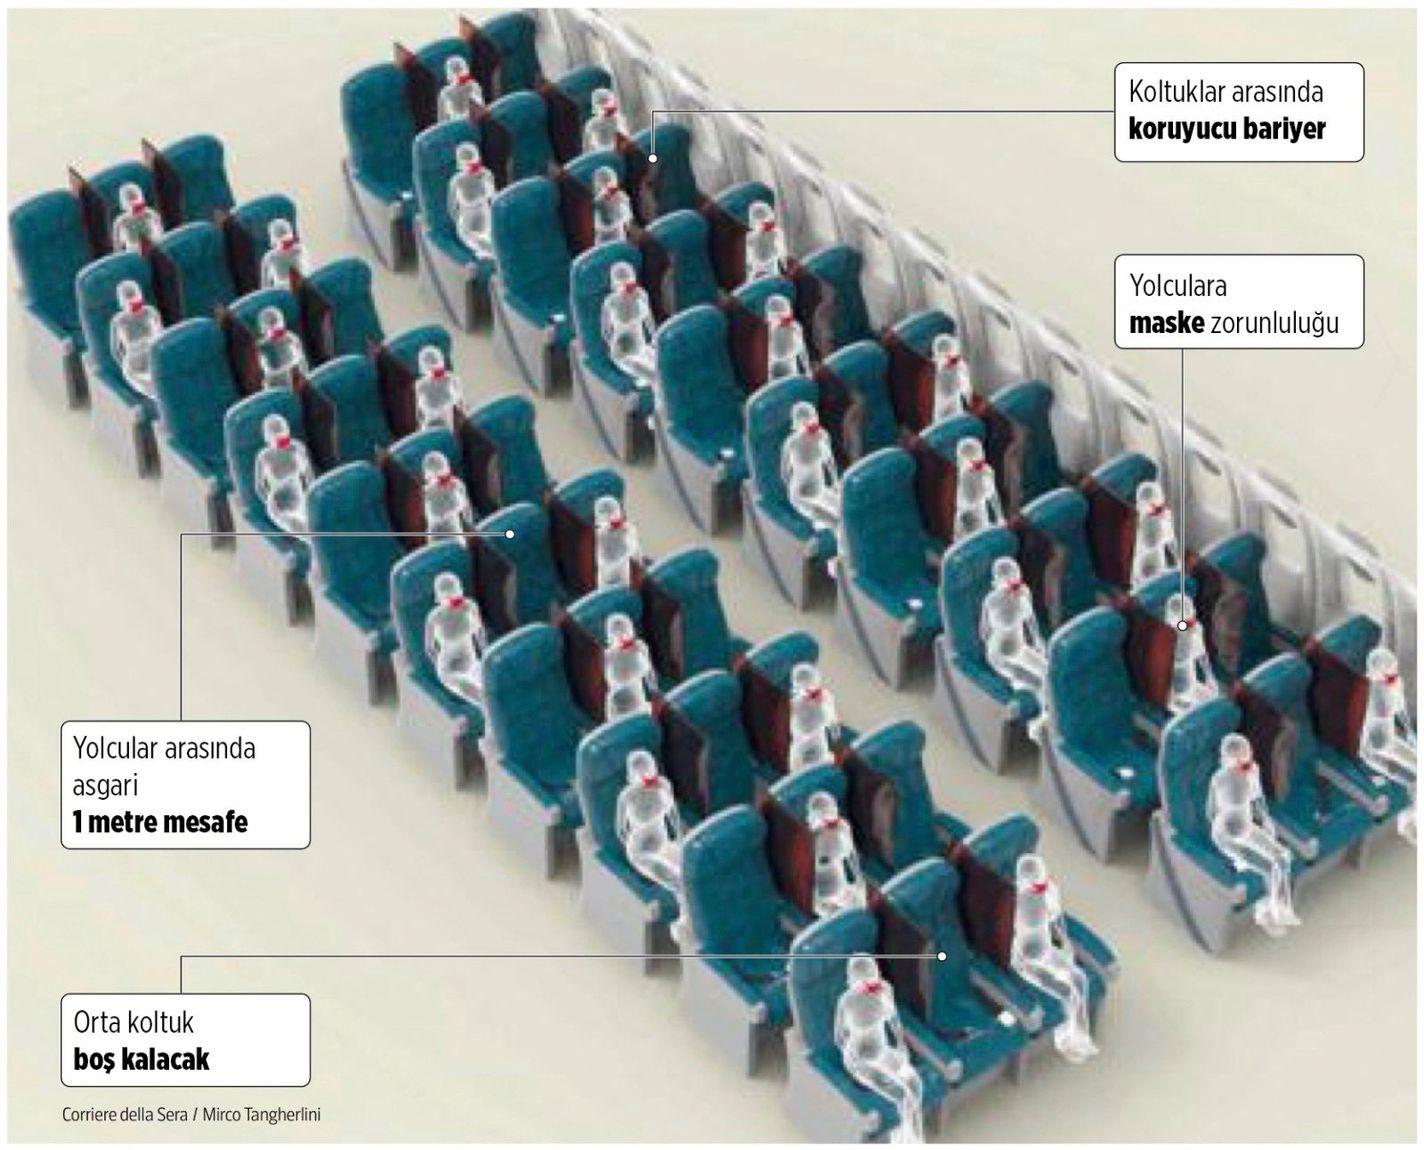 Italyada Koronavirus Sonrasinda Uçaklarda Oturma Duzeni